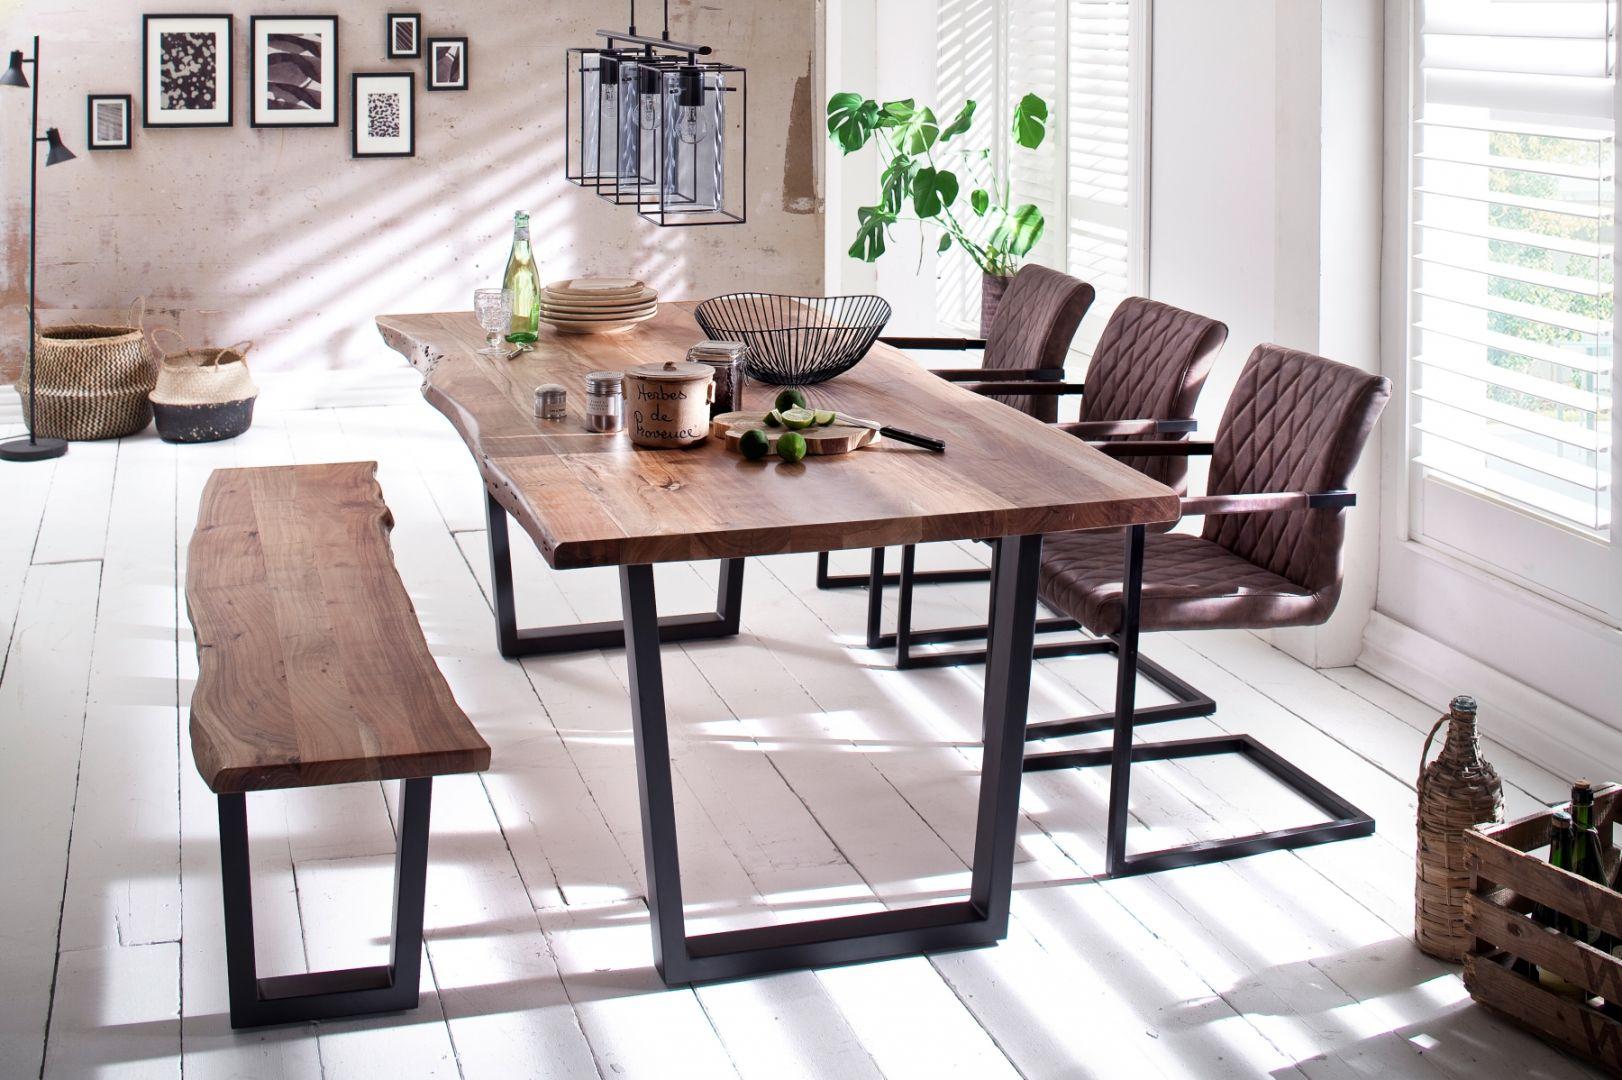 Charakterystyczną cechą stołów w stylu industrialnym jest zachowanie surowości drewna, czasem nawet w samym kształcie nieidealnych desek. Fot. Iguane.pl